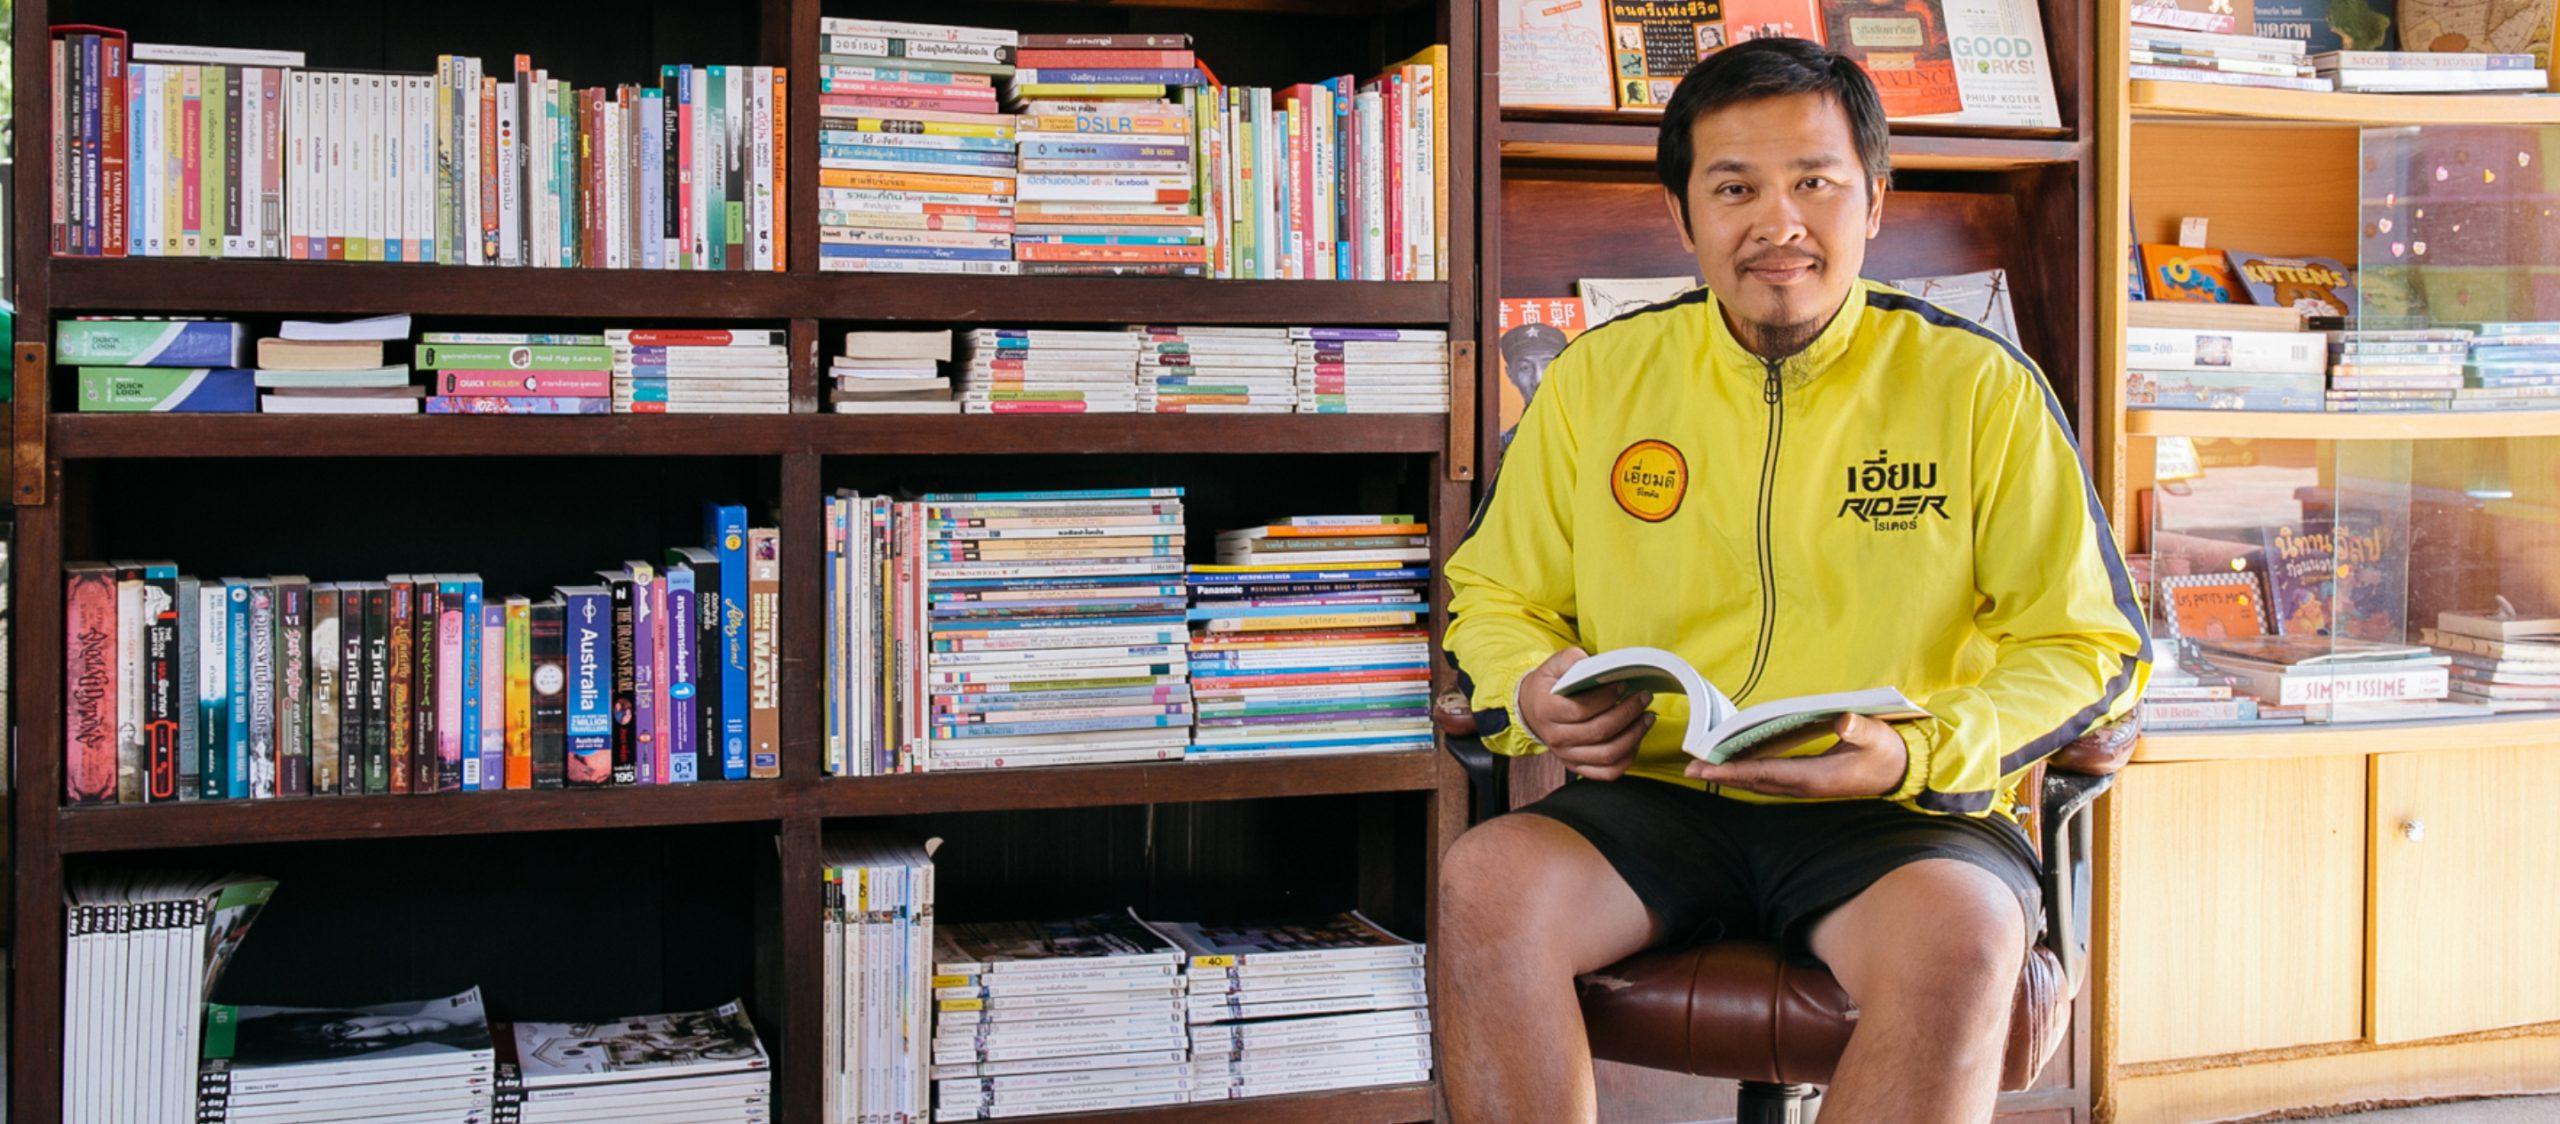 เปลี่ยนโรงรถให้เป็นห้องสมุด 'เอี่ยม Book' พื้นที่แบ่งปันหนังสือและโอกาสของคนเชียงใหม่